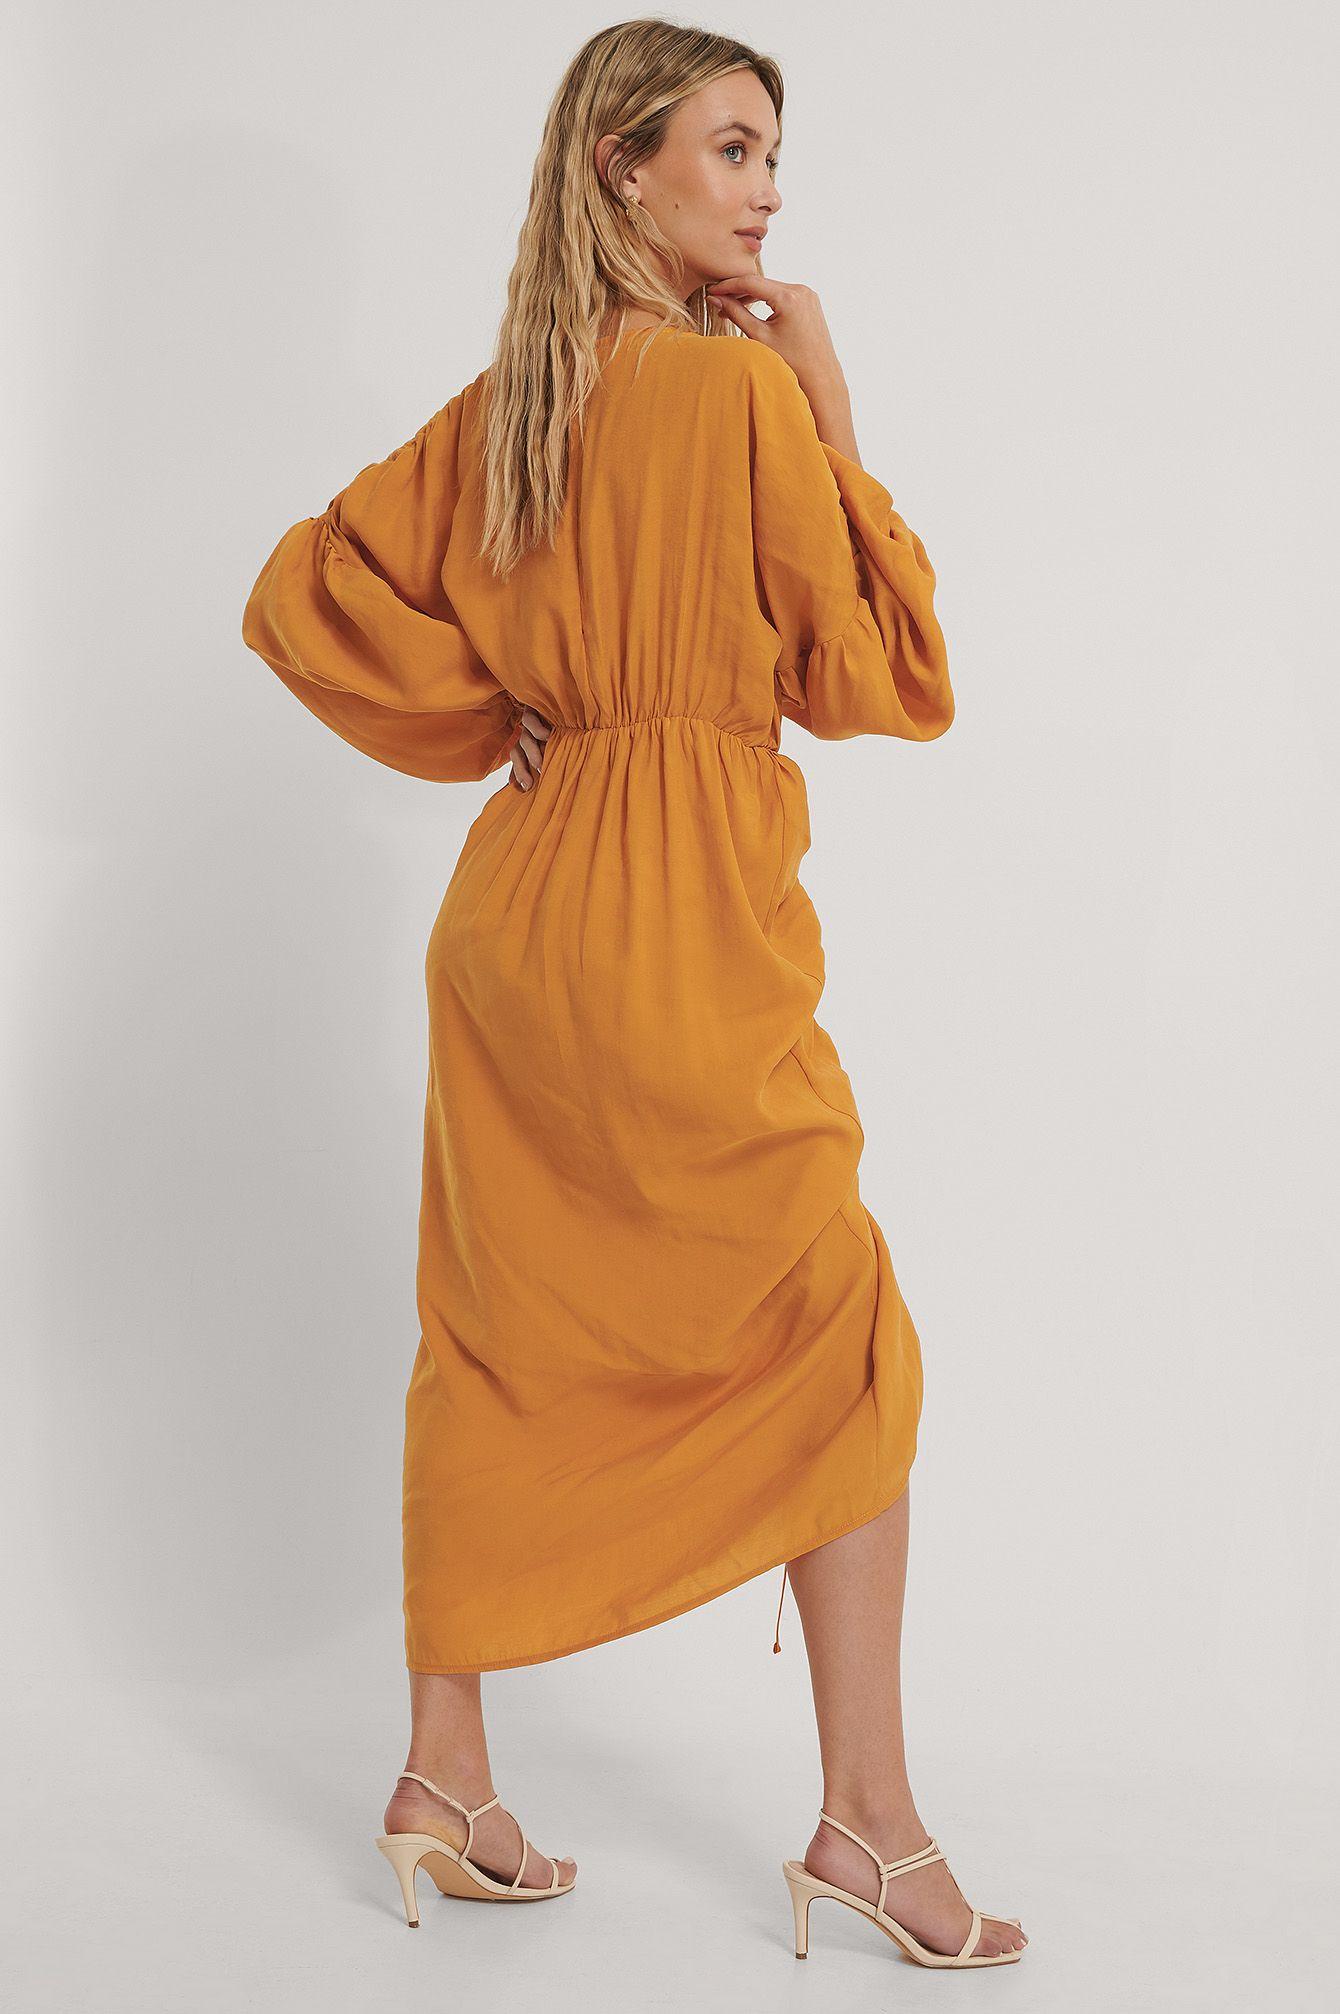 Dieses Kleid hat einen Rundhalsausschnitt, Ballonärmel, ein drapiertes Design mit einem Schlitz-Detail, einem elastischen Bund, elastischen Manschetten und einem weichen Material, einen einstellbaren Kordelzug und einen verborgenen Reiß- und Hakenverschluss auf der Rückseite. Sei bereit, Aufmerksamkeit zu erregen!.